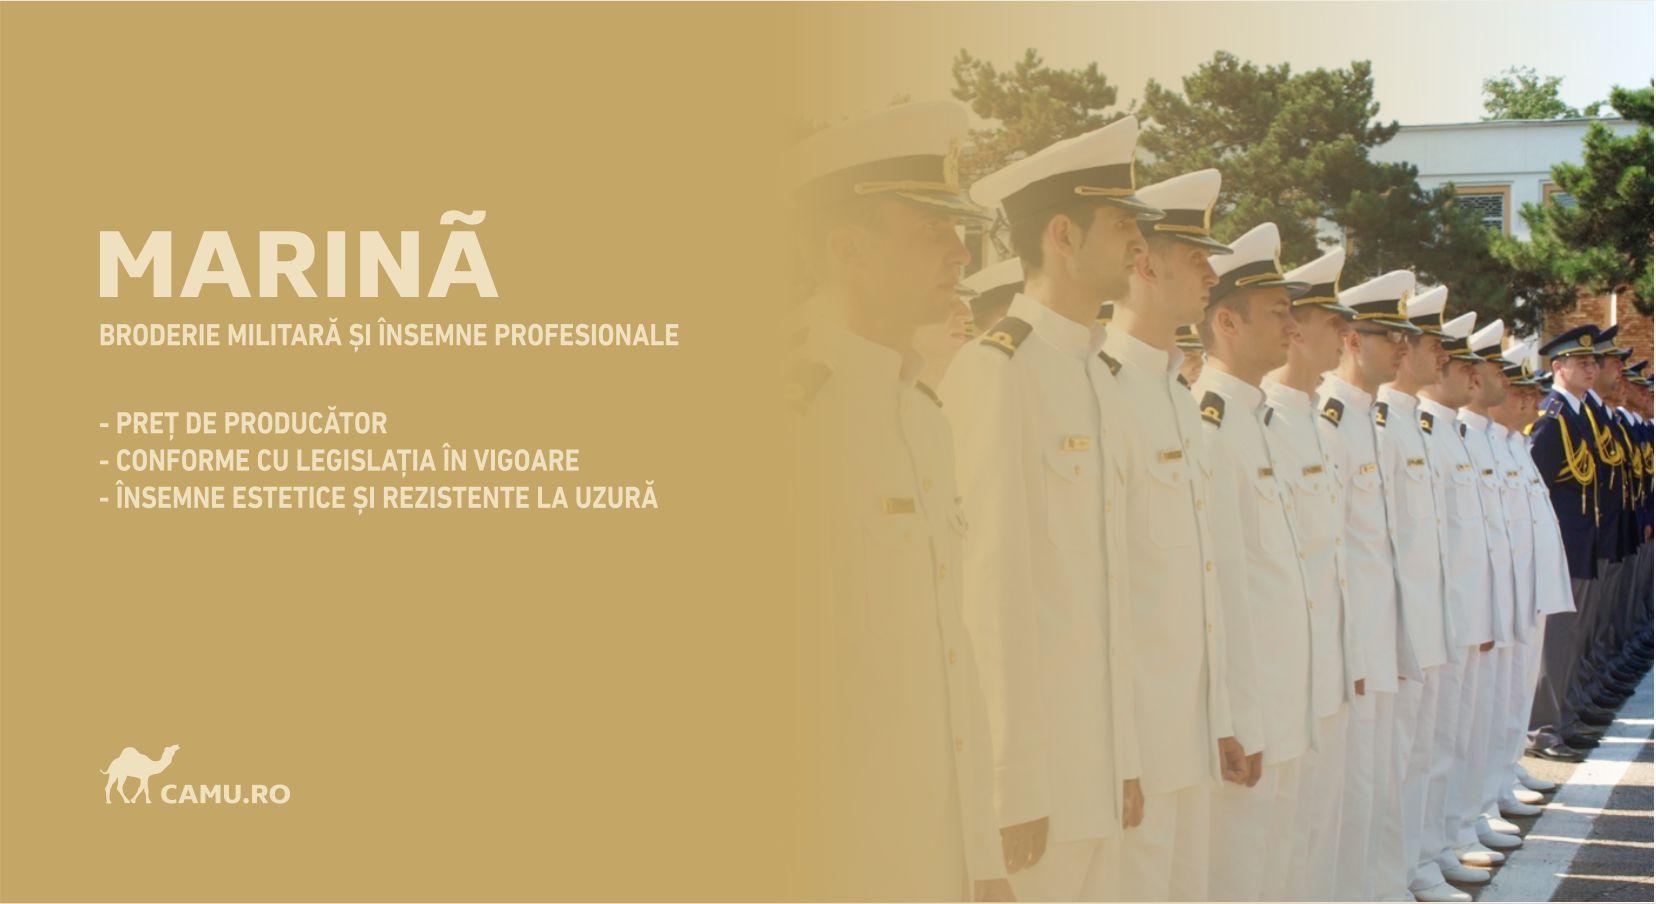 Grade Marină de vânzare | Embleme Marină | Petlite Marină | Nominale | Epoleți